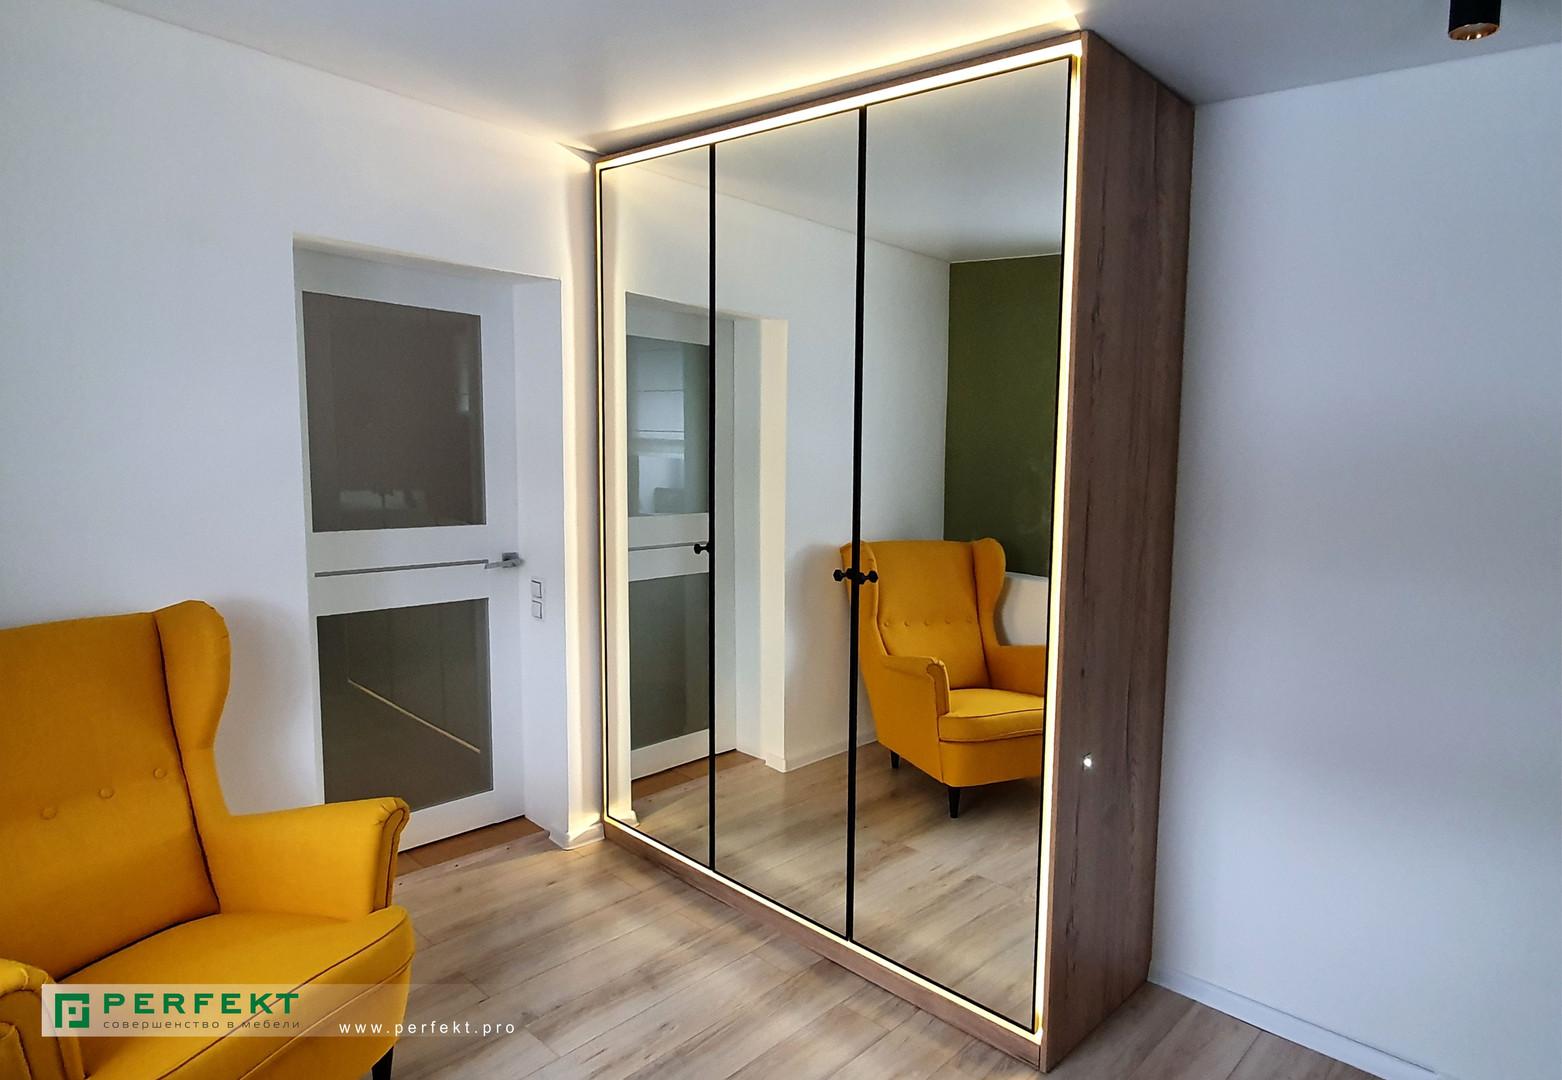 Зеркальный шкаф с контурной подсветкой.j